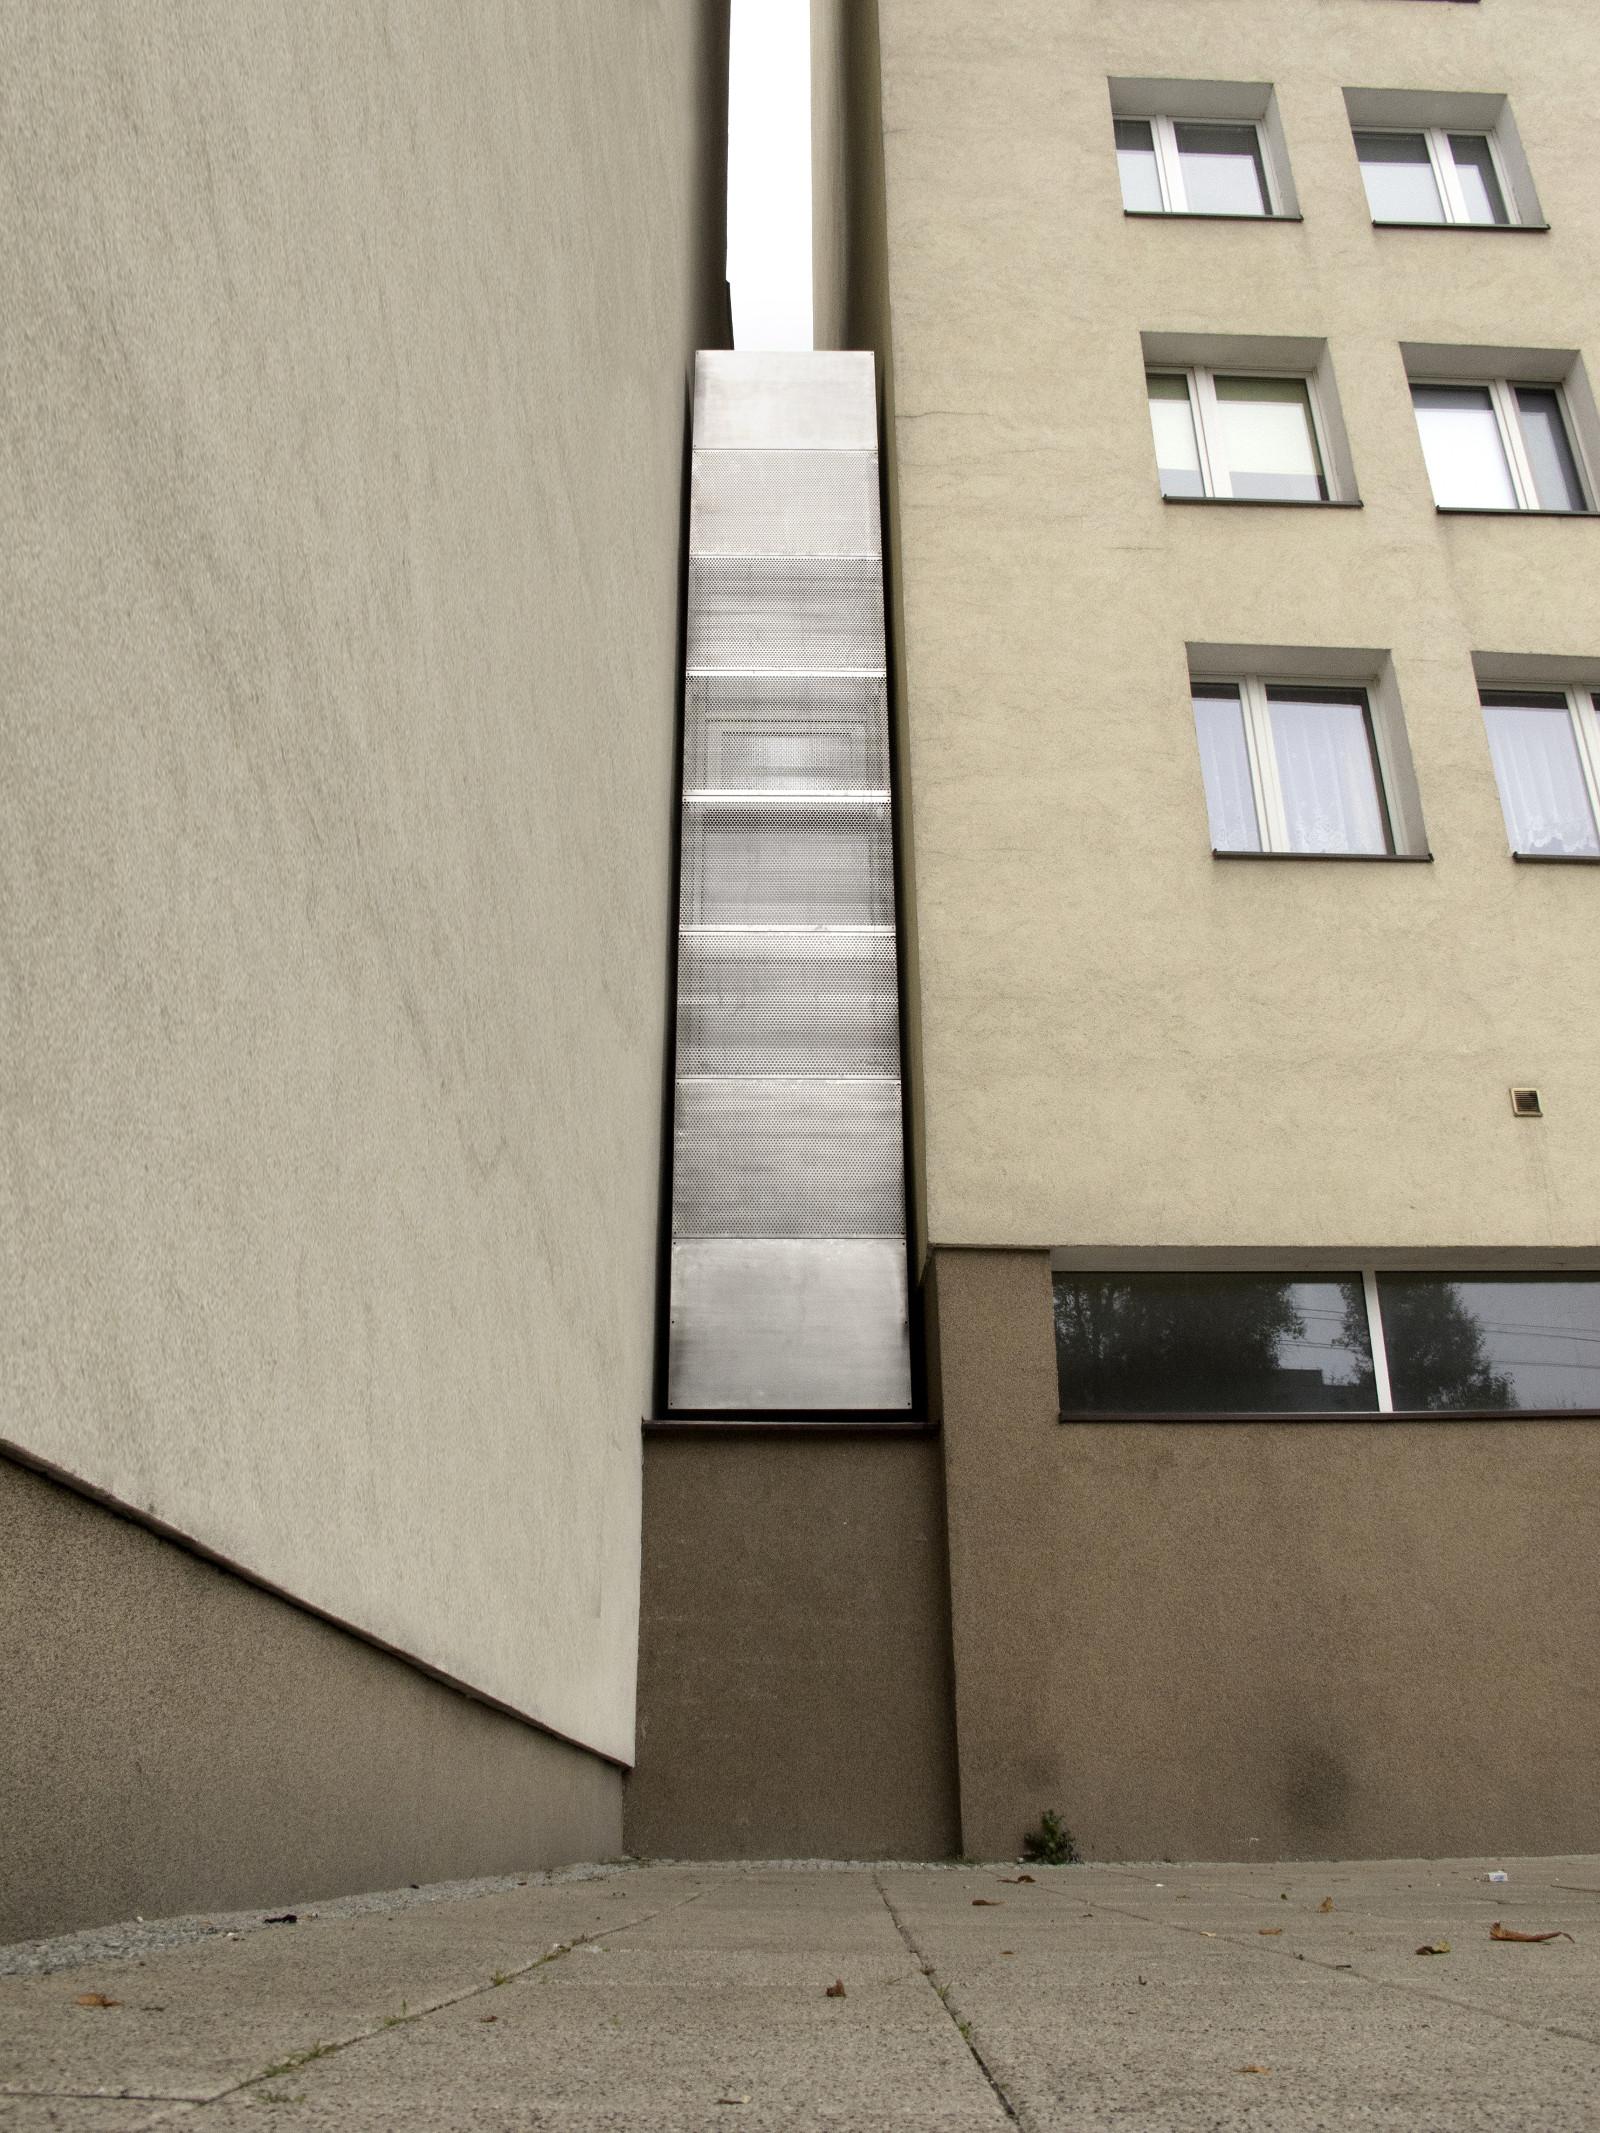 The_Keret_House-Jakub_Szczesny-12.jpg